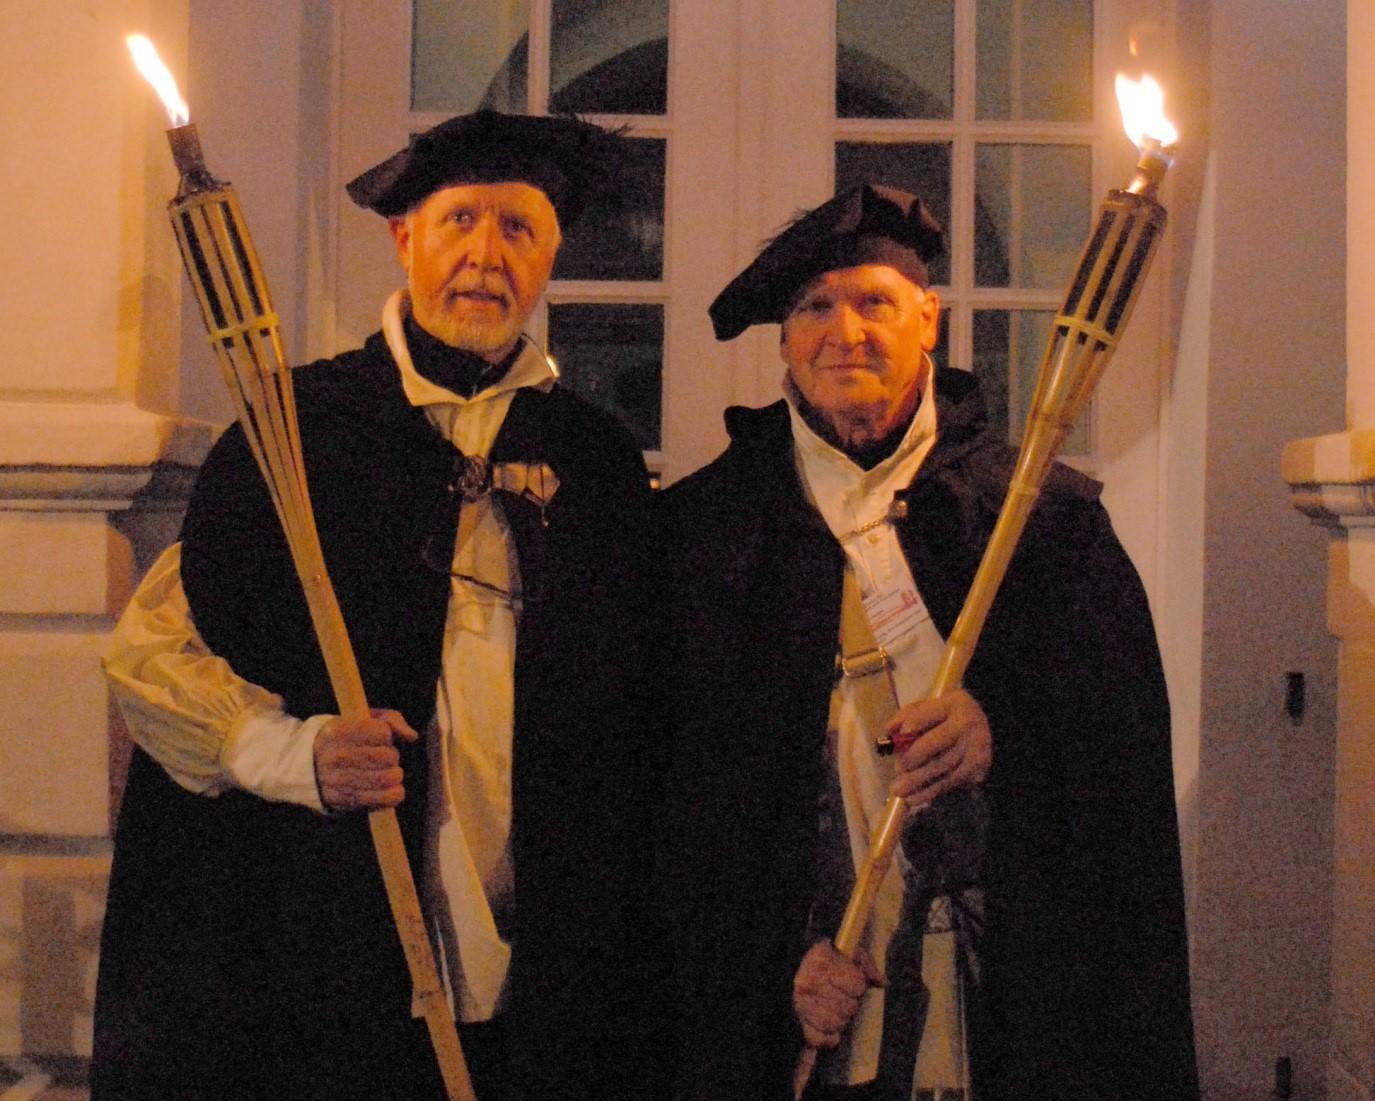 Nachtwächter Jochen + Ulli van Üüm